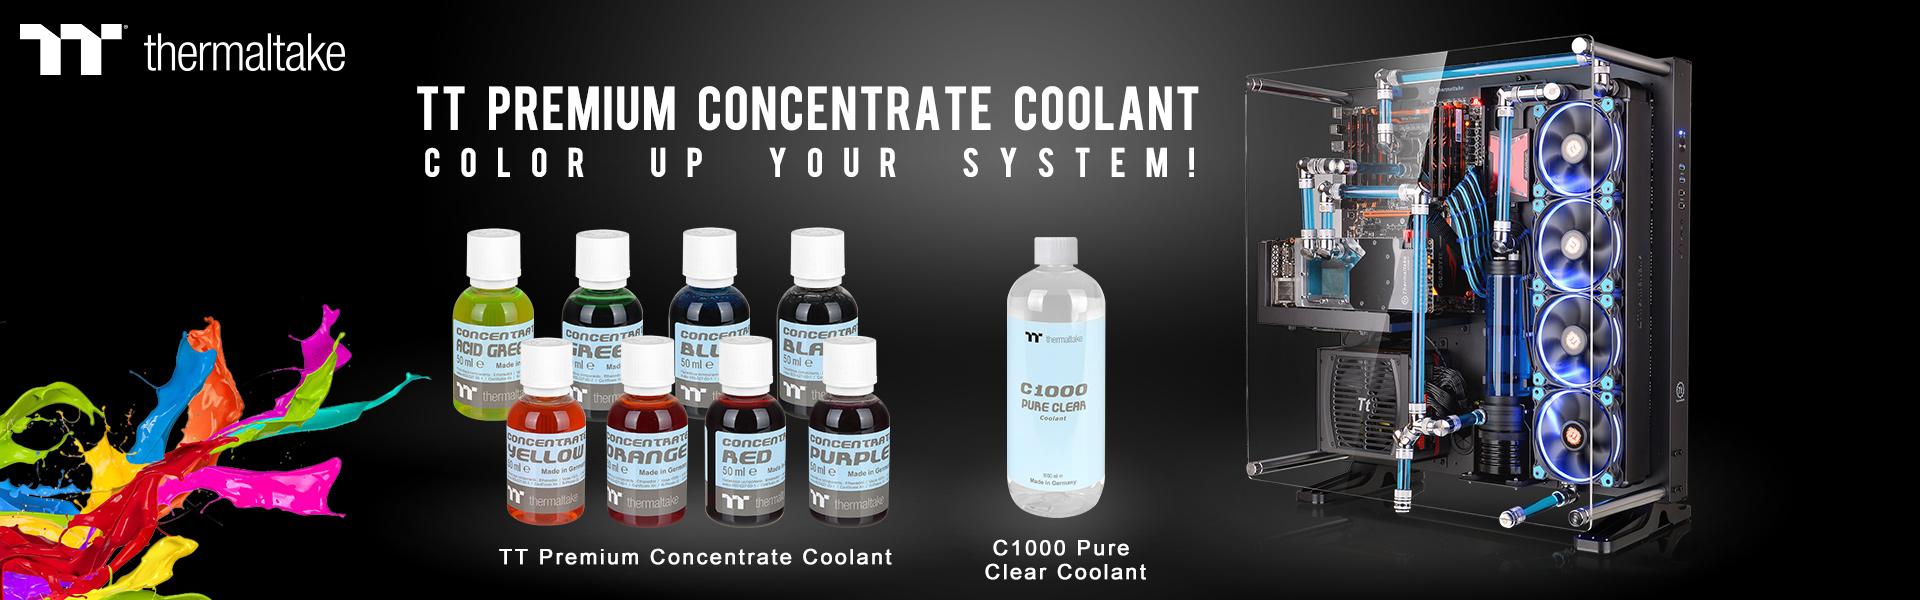 曜越TT Premium Concentrate水冷濃縮液系列及C1000透明水冷液,全新選擇、自由調配,打造流光溢彩的水冷散熱系統!